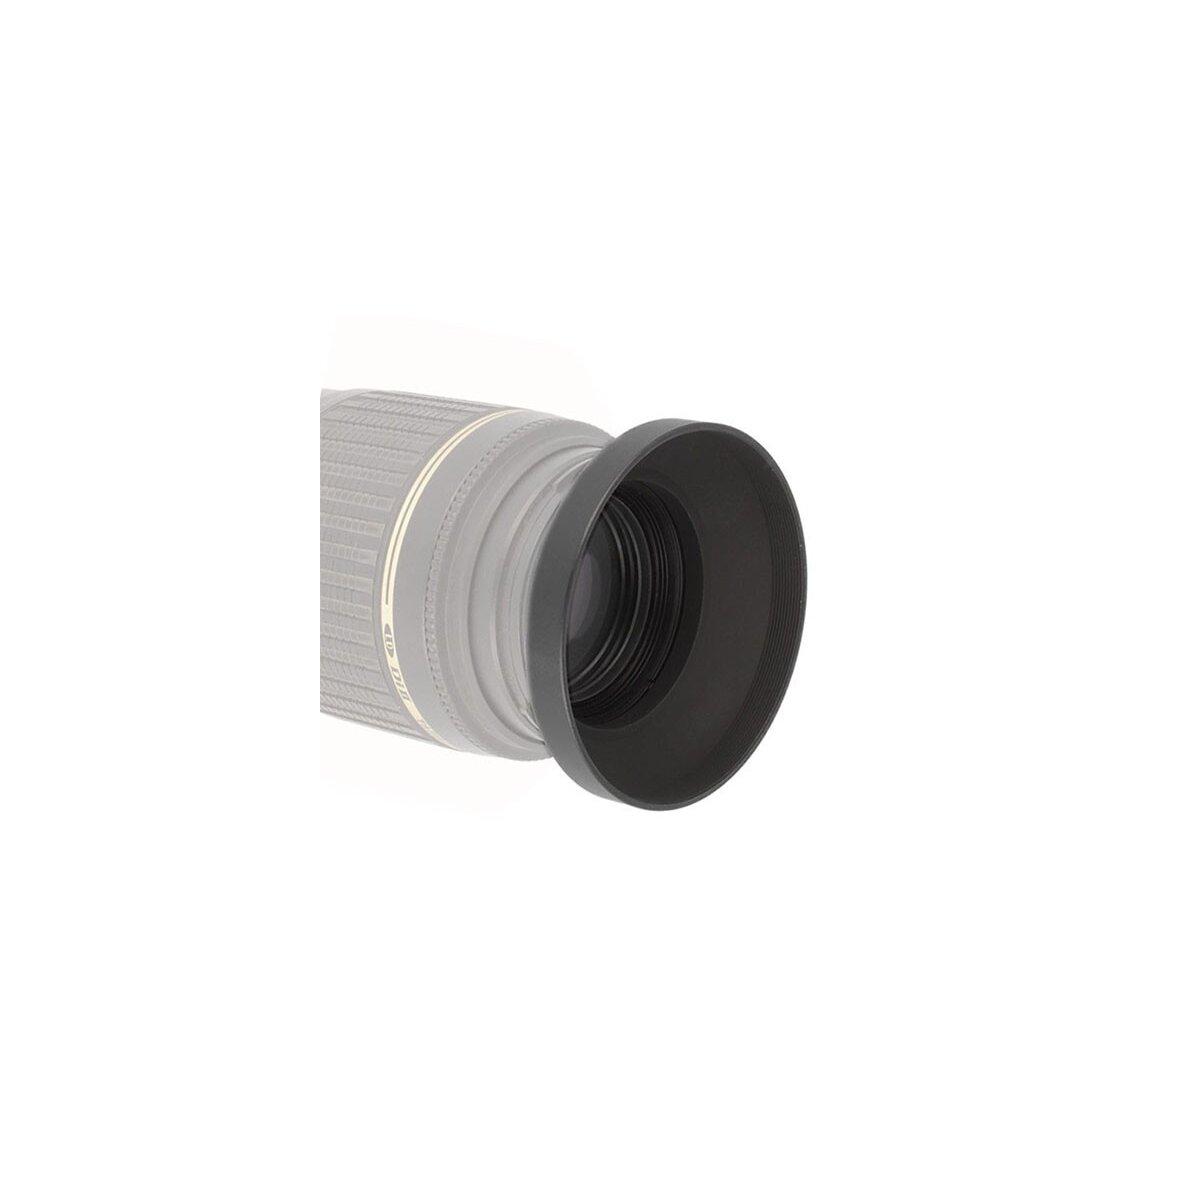 Weitwinkel Sonnenblende / Gegenlichtblende 49mm - Aluminium